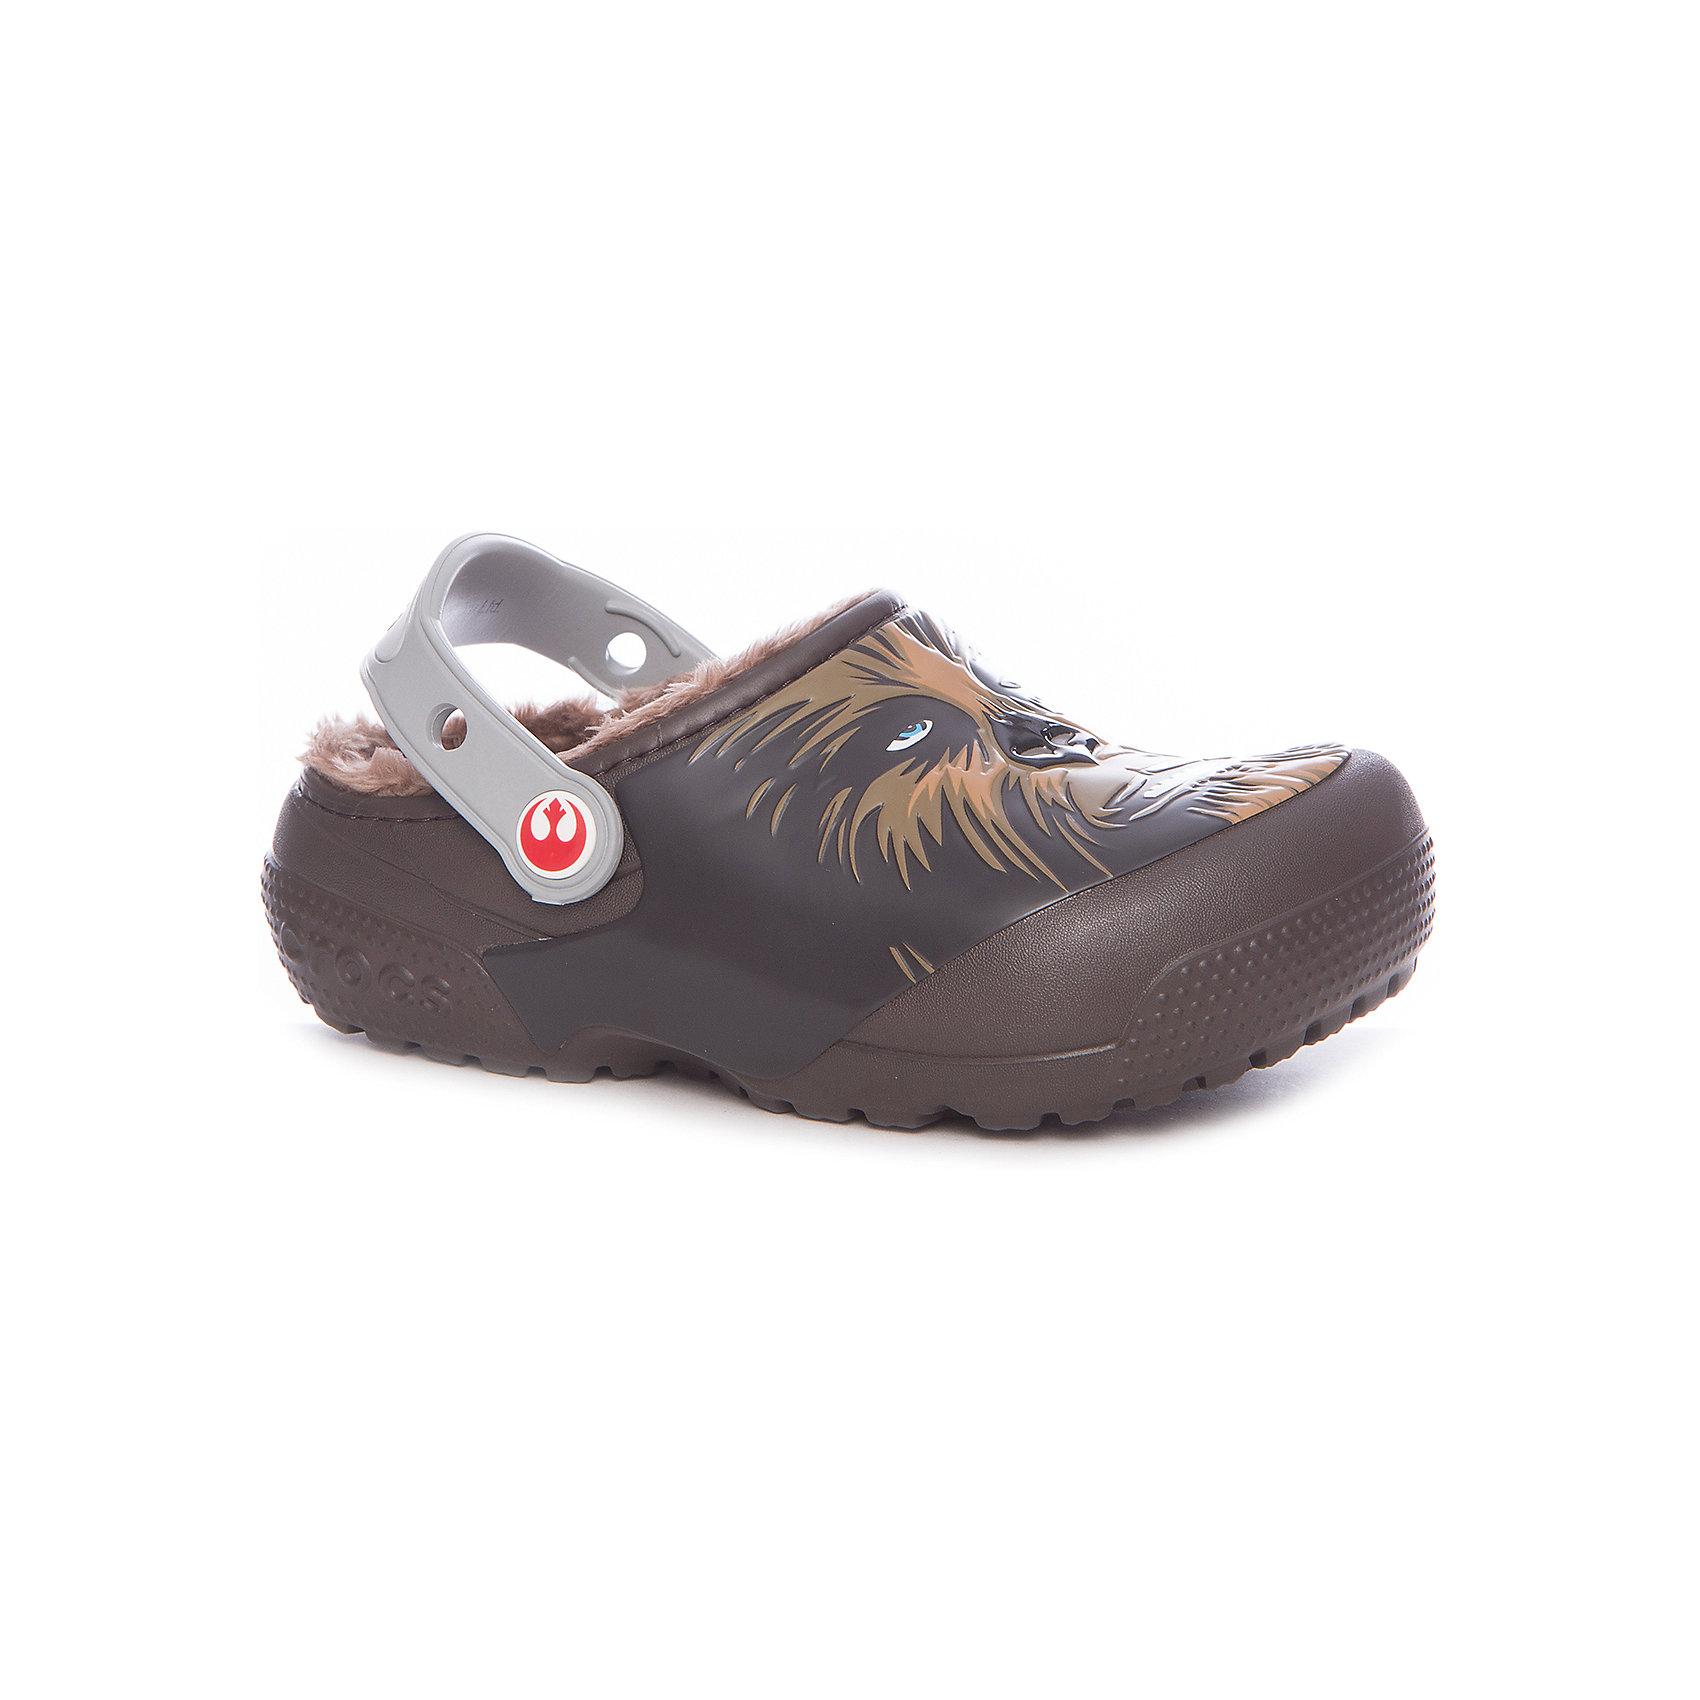 Сабо CrocsFunLab Lined Chewbacca для мальчикаПляжная обувь<br>Характеристики товара:<br><br>• цвет: коричневый<br>• материал: Croslite<br>• стелька: с массажными линиями <br>• сезон: лето<br>• пяточный ремешок: поворотный<br>• защита мыса <br>• подошва не скользит <br>• анатомические <br>• страна бренда: США<br>• страна производства: Китай<br><br>Детские сабо Крокс украшены принтом с любимым детским персонажем. Популярная обувь Crocs для детей обеспечивает комфортный микроклимат ногам на весь день. Удобные сабо Crocs сделаны из уникального материала Croslite. Благодаря новейшим технологиям ноги в таких сабо для ребенка не устают и не скользят. <br><br>Сабо FunLab Lined Chewbacca Crocs (Крокс) для девочки можно купить в нашем интернет-магазине.<br><br>Ширина мм: 225<br>Глубина мм: 139<br>Высота мм: 112<br>Вес г: 290<br>Цвет: коричневый<br>Возраст от месяцев: 132<br>Возраст до месяцев: 144<br>Пол: Мужской<br>Возраст: Детский<br>Размер: 34/35,27,23,24,25,26,28,29,30,31/32,33/34<br>SKU: 7063627